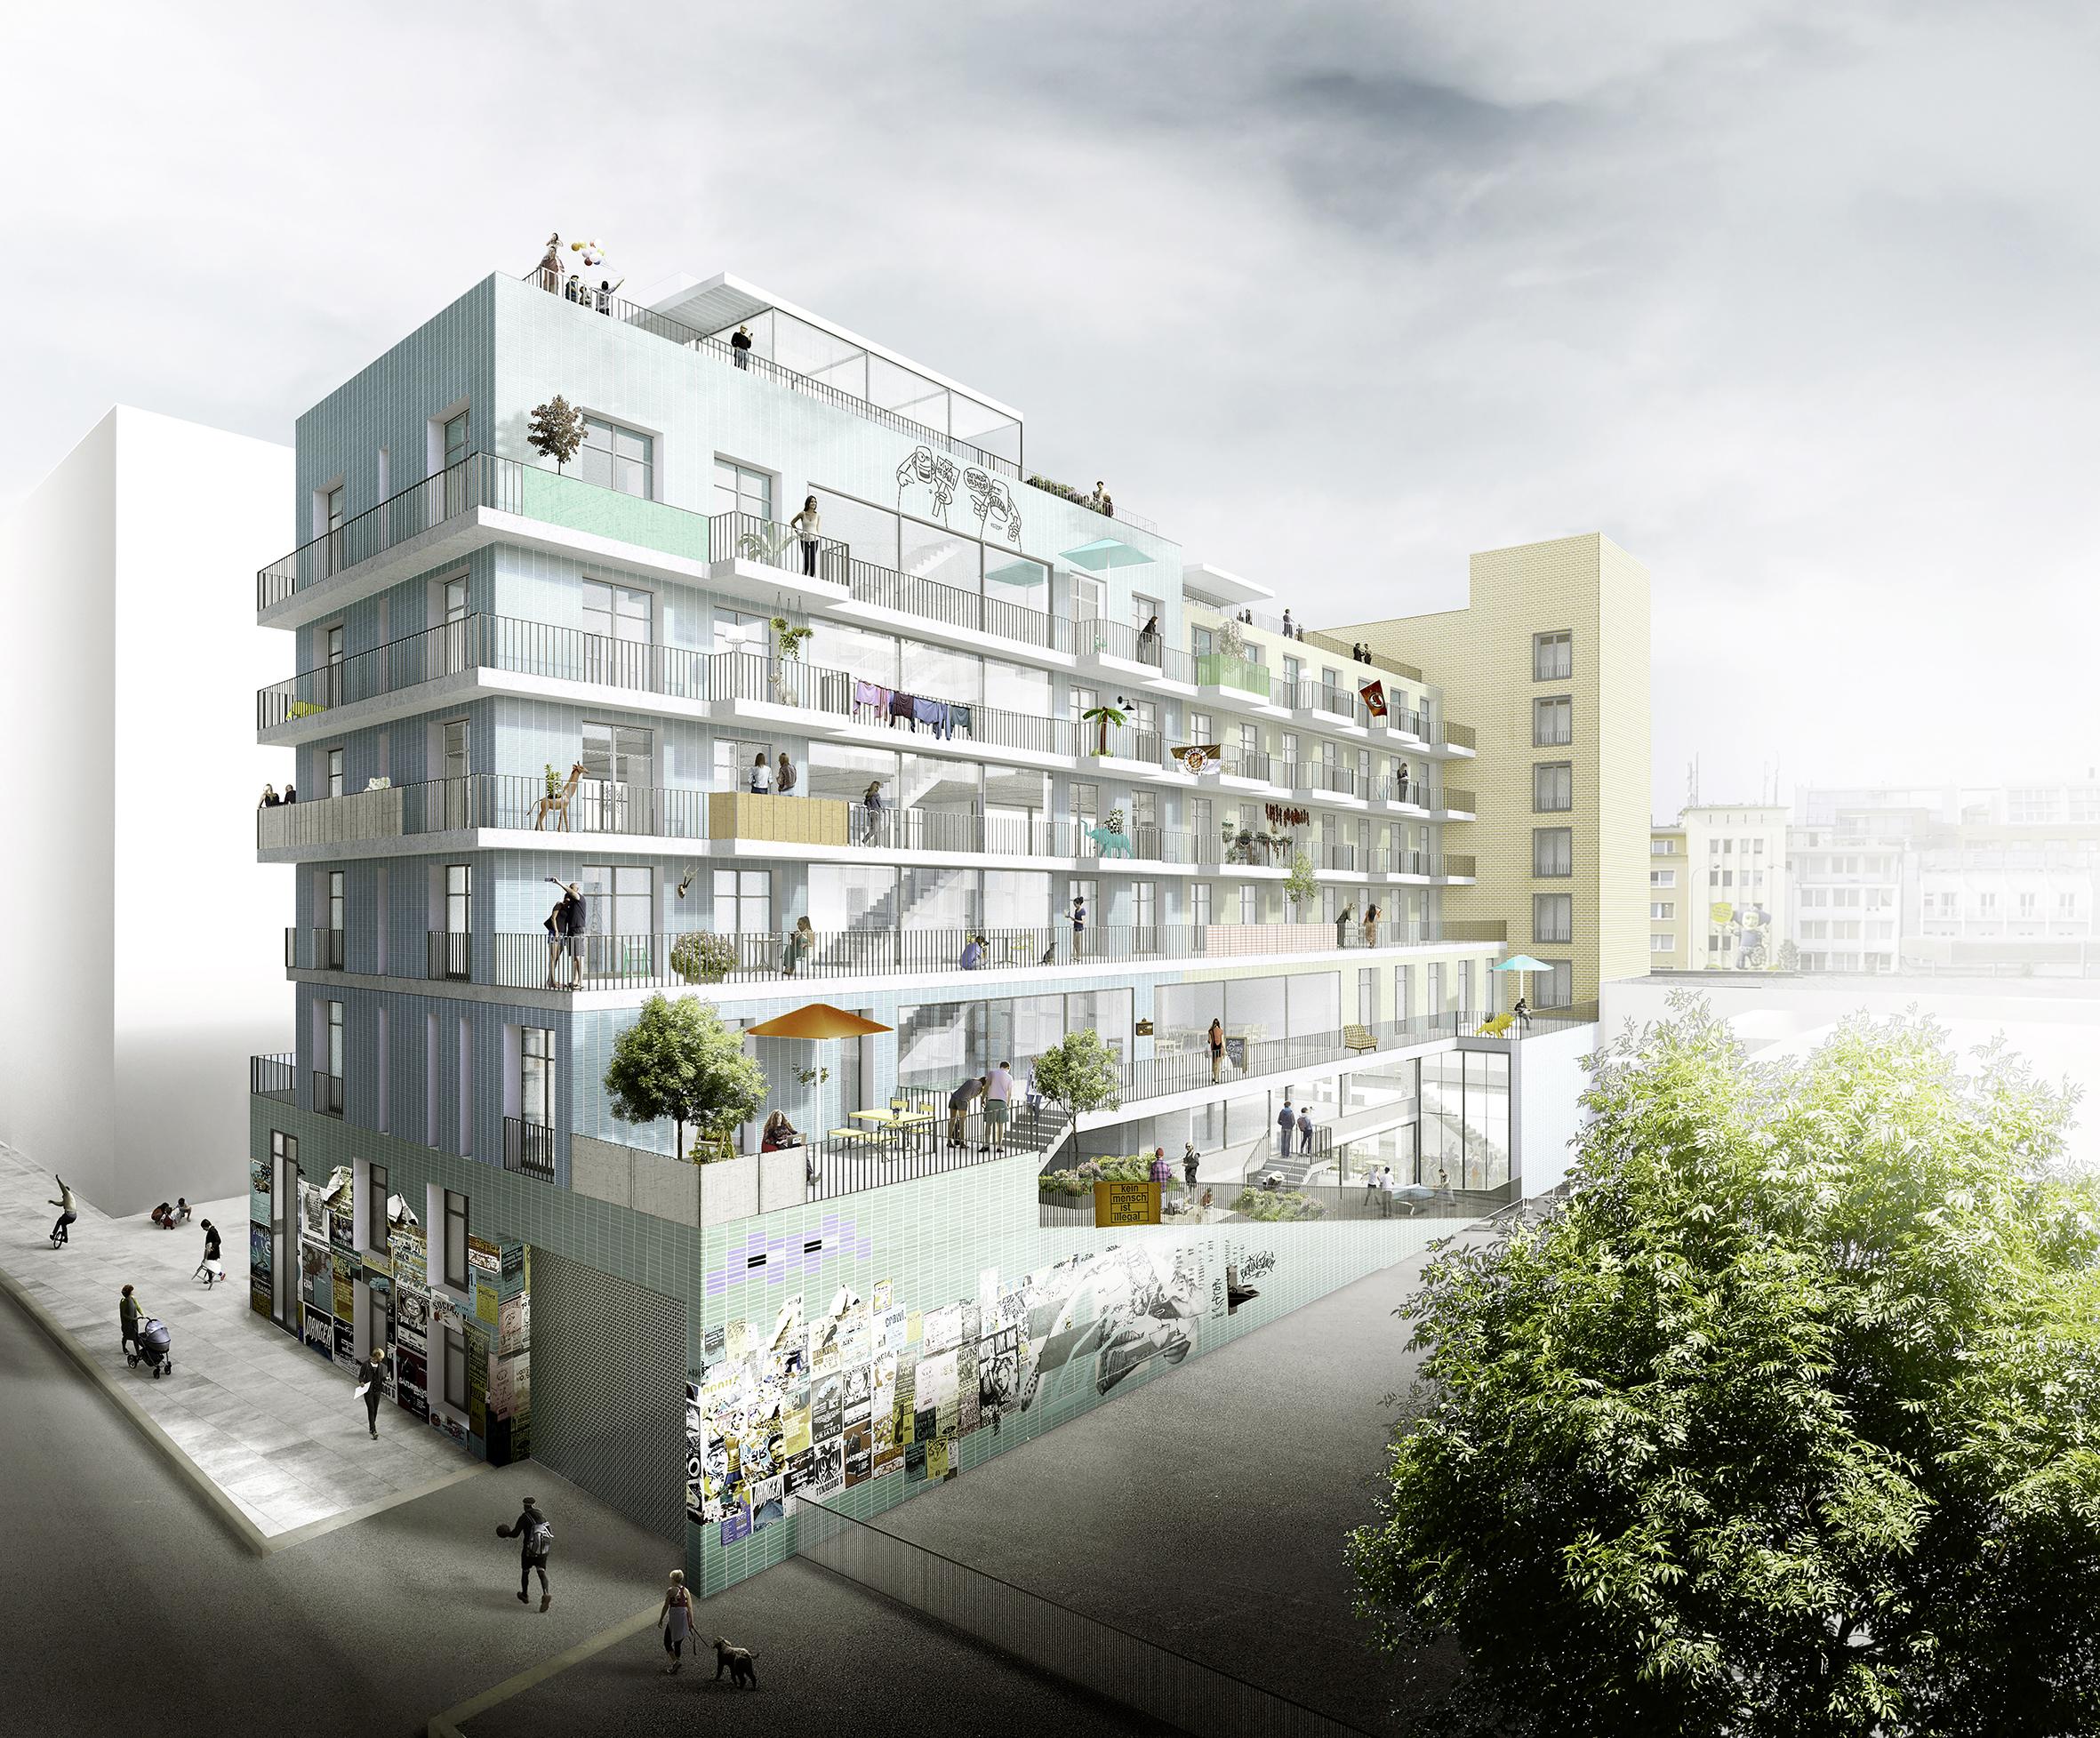 Paloma Viertel f72 Architekten